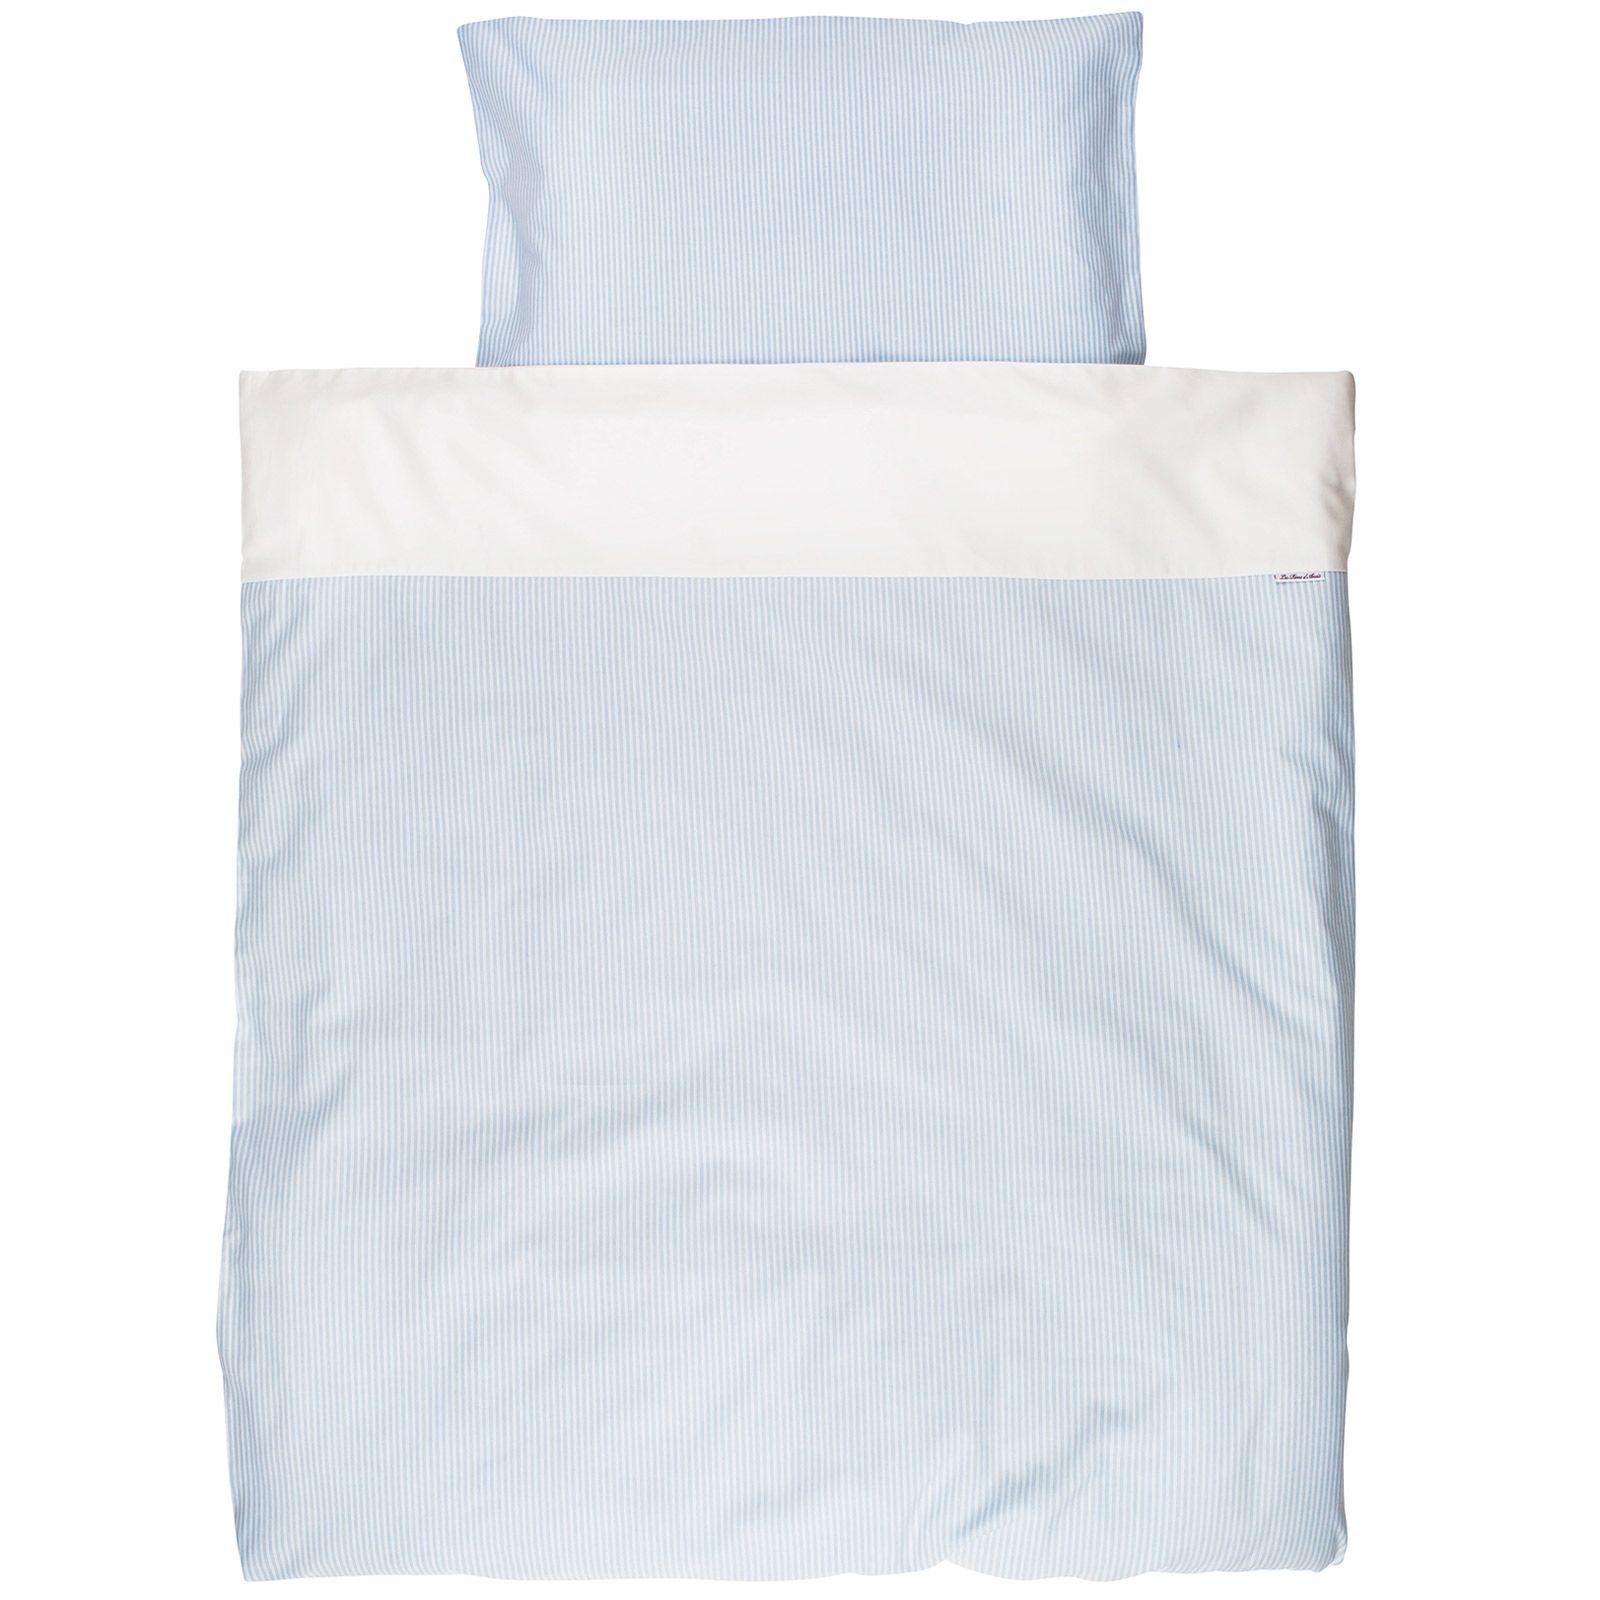 housse de couette taie pour berceau blue stripe 80 x 80 cm - Linge De Lit Pour Berceau Fille Mini